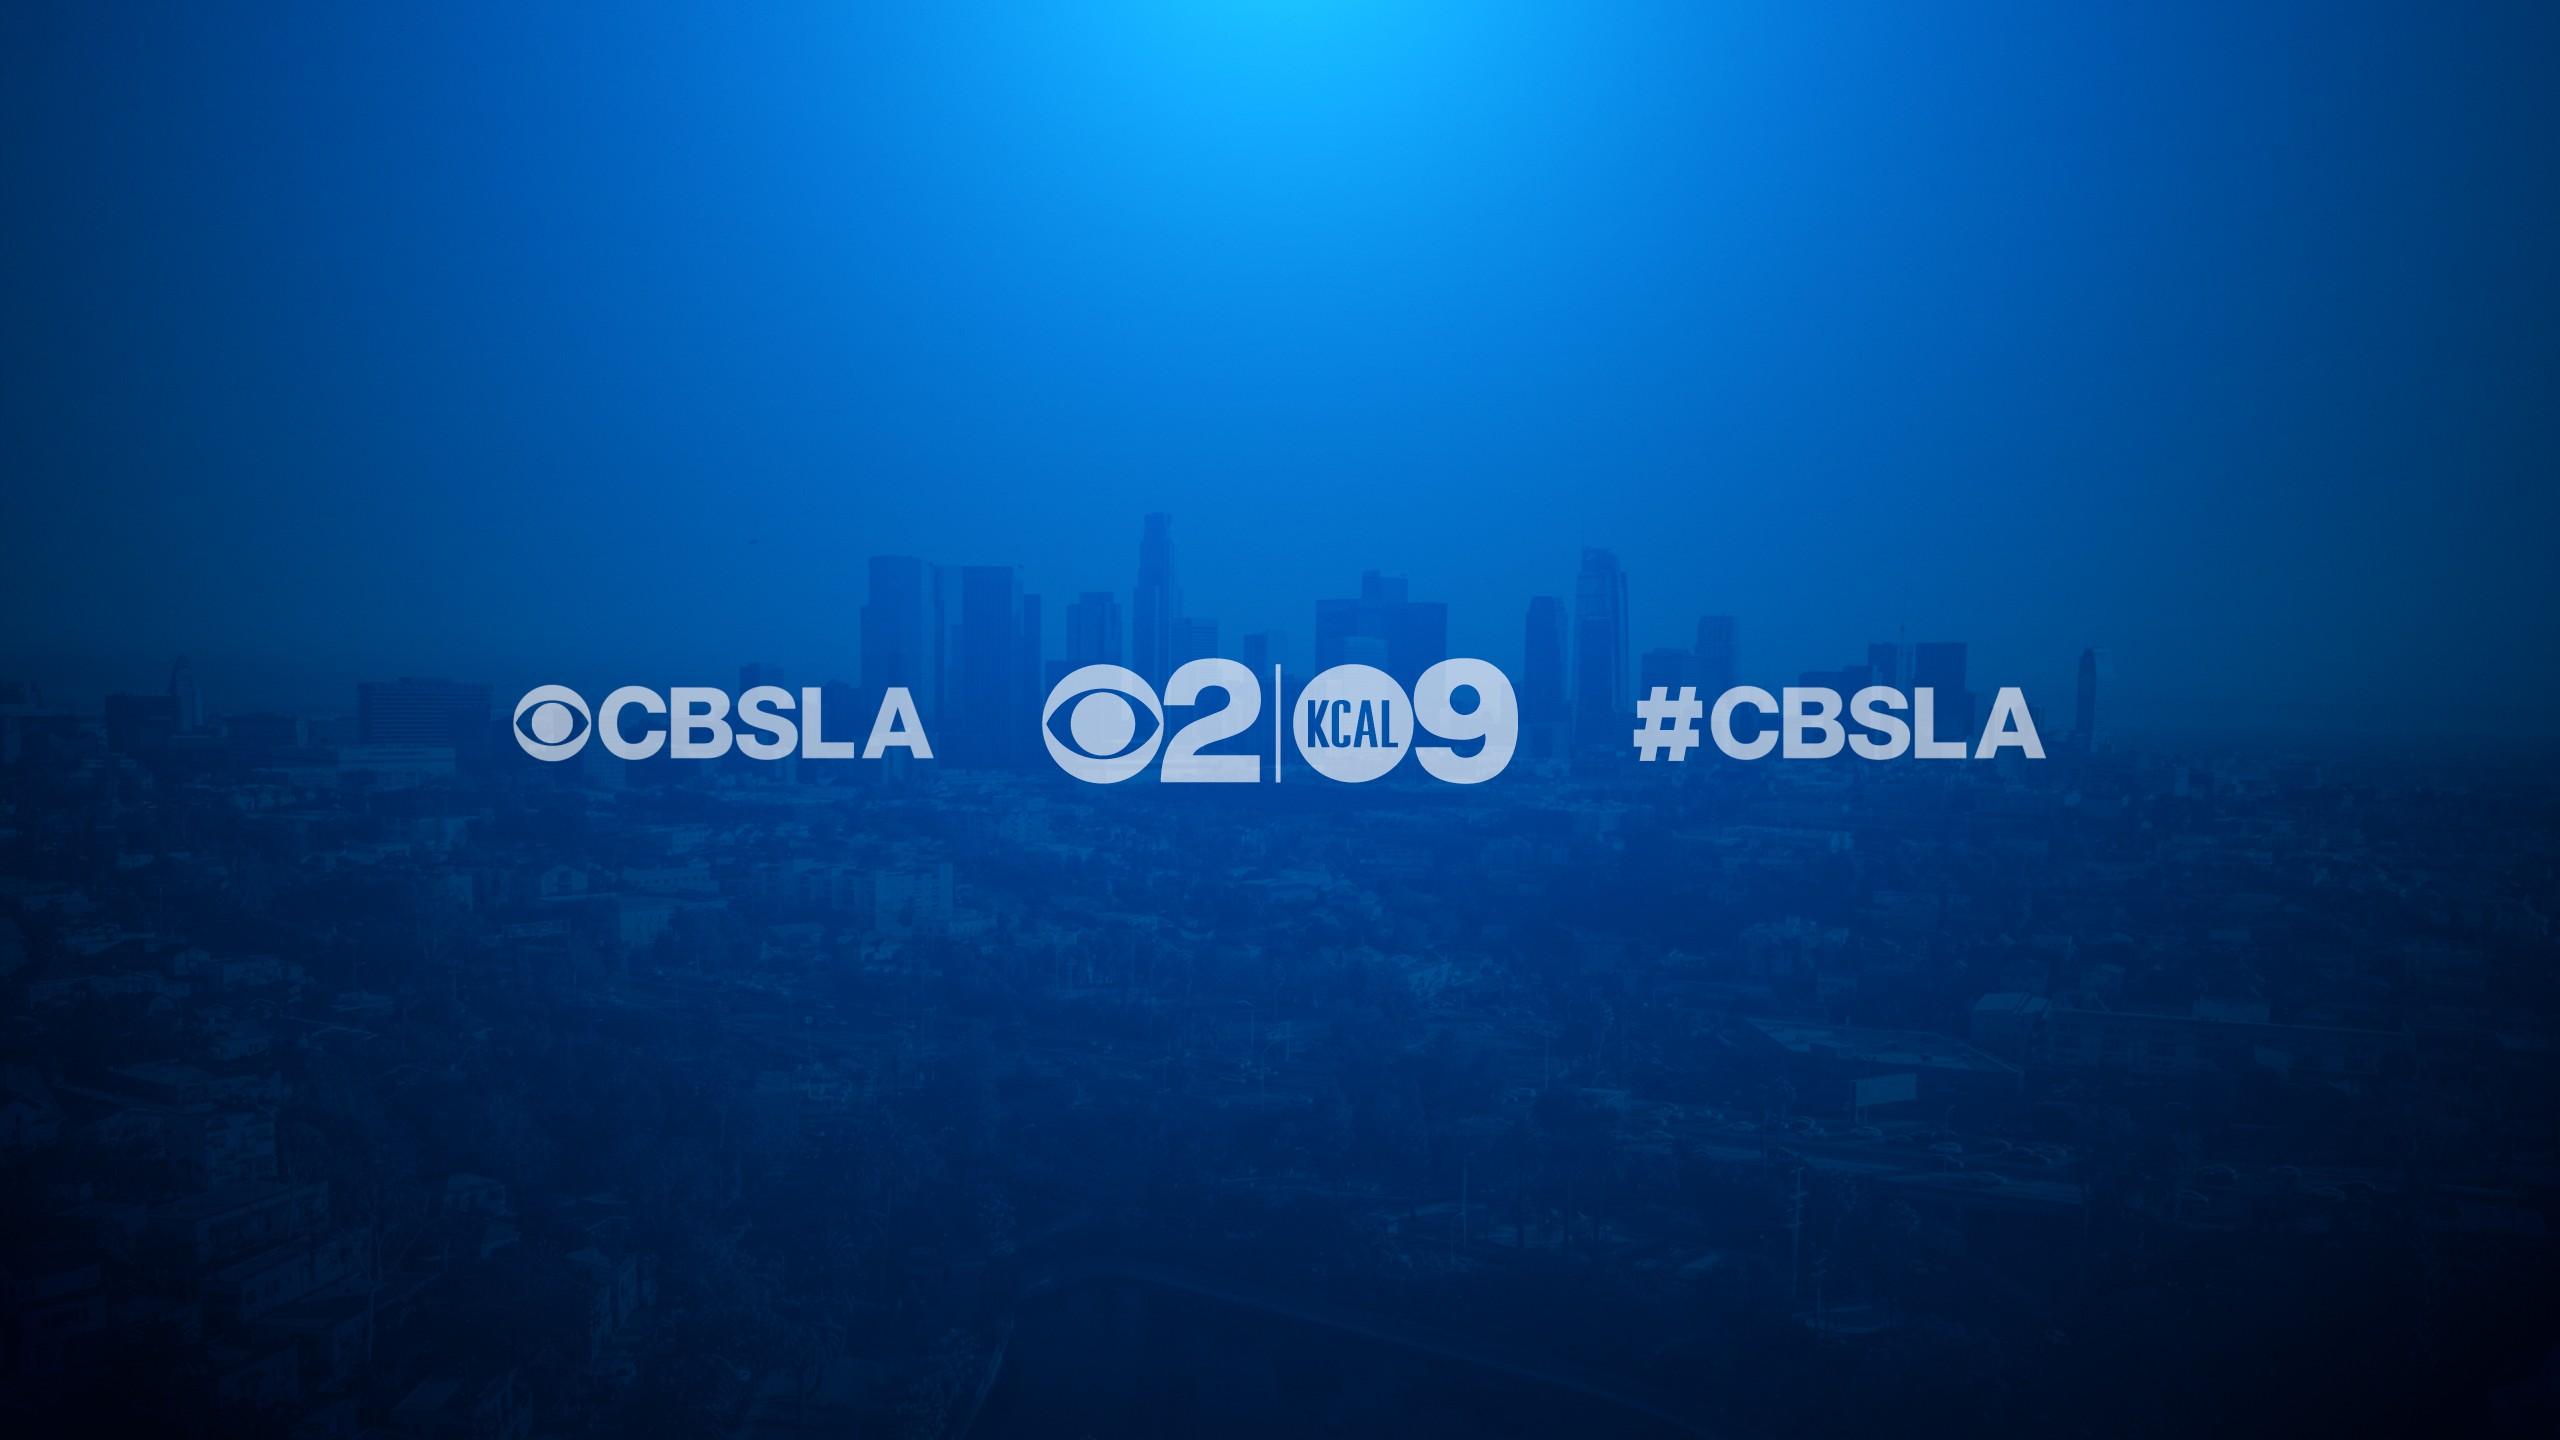 KCBS | CBS LA | LinkedIn Kcbs Traffic Map on ksl traffic, kron 4 traffic, kfmb traffic, wgn traffic, abc traffic,